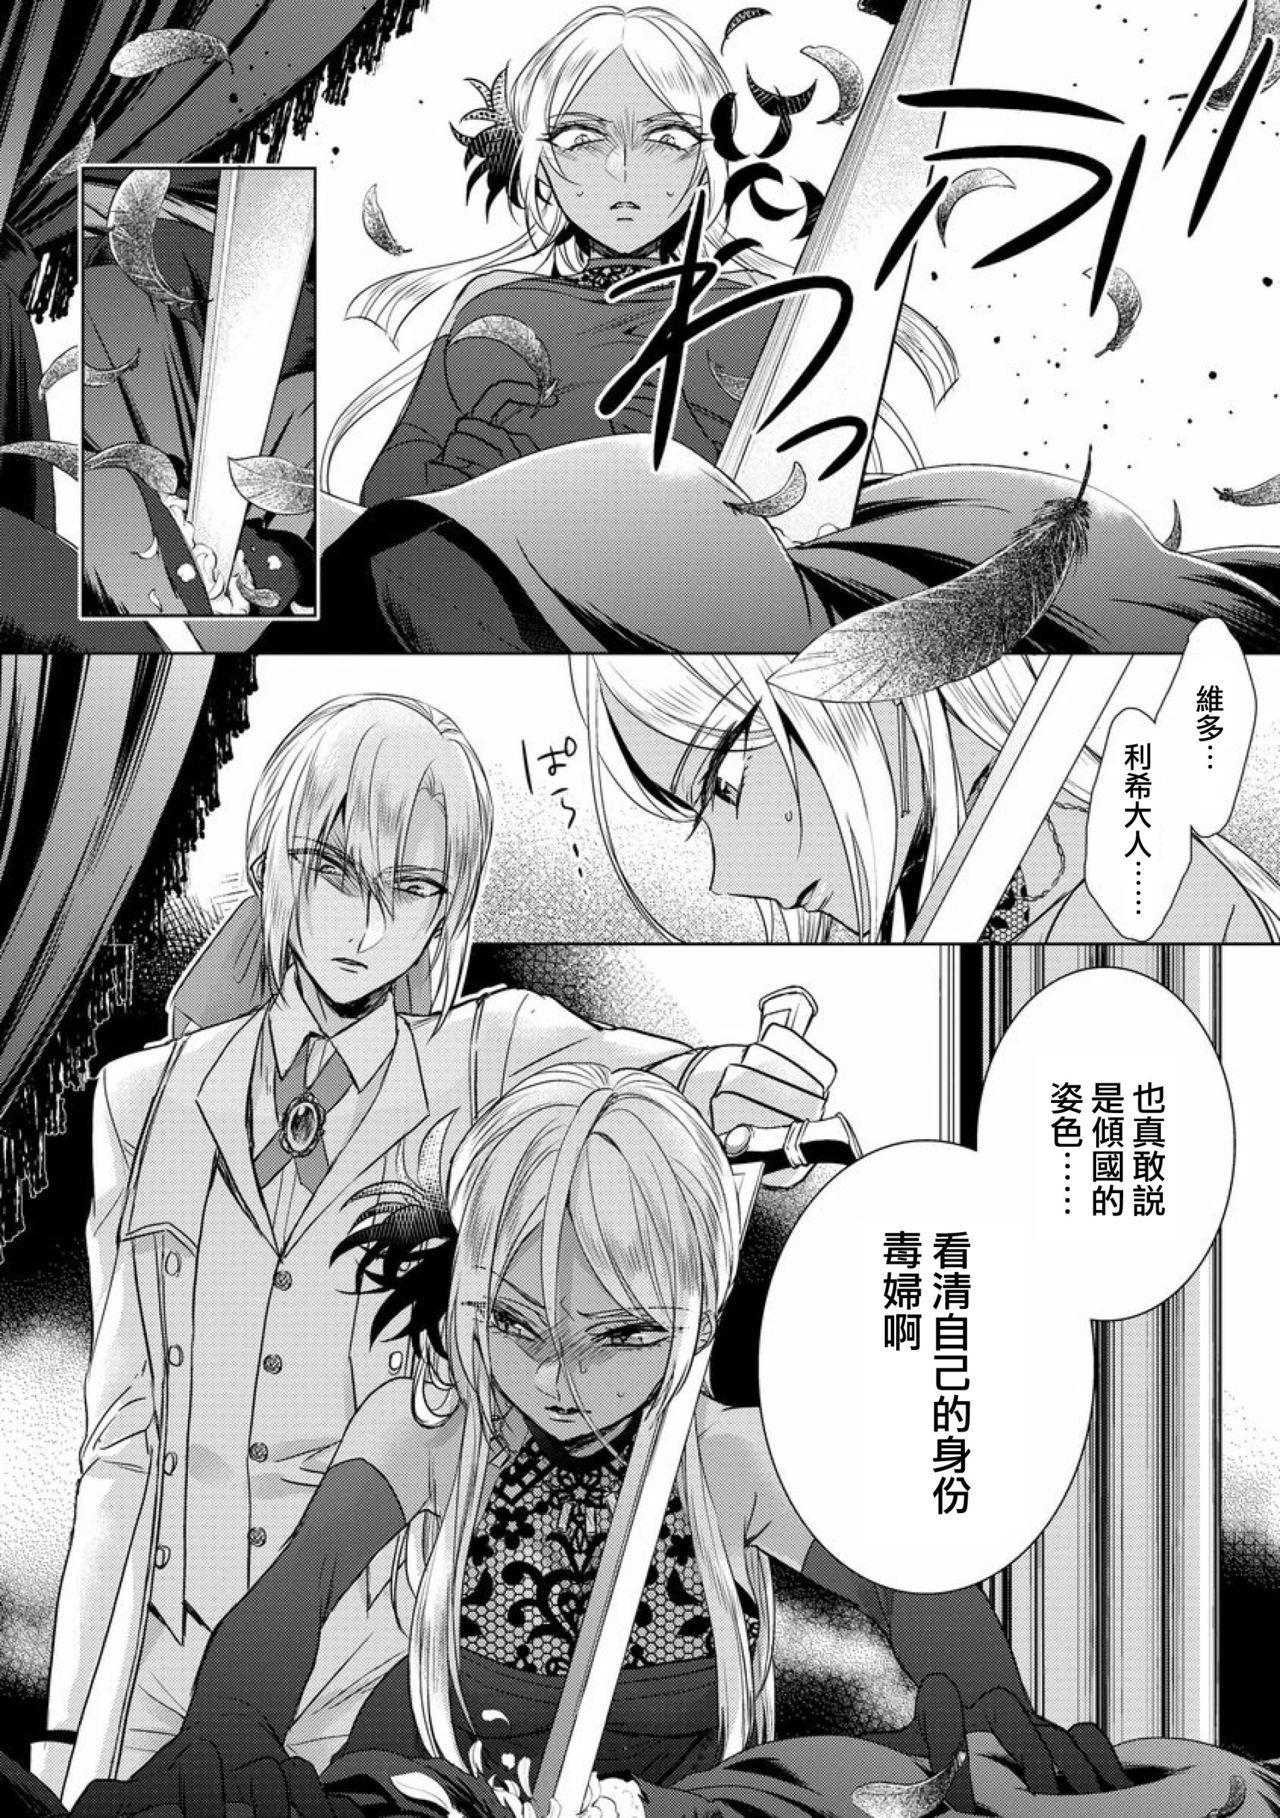 [Saotome Mokono] Kyououji no Ibitsu na Shuuai ~Nyotaika Knight no Totsukitooka~ Ch. 12 [Chinese] [瑞树汉化组] [Digital] 9